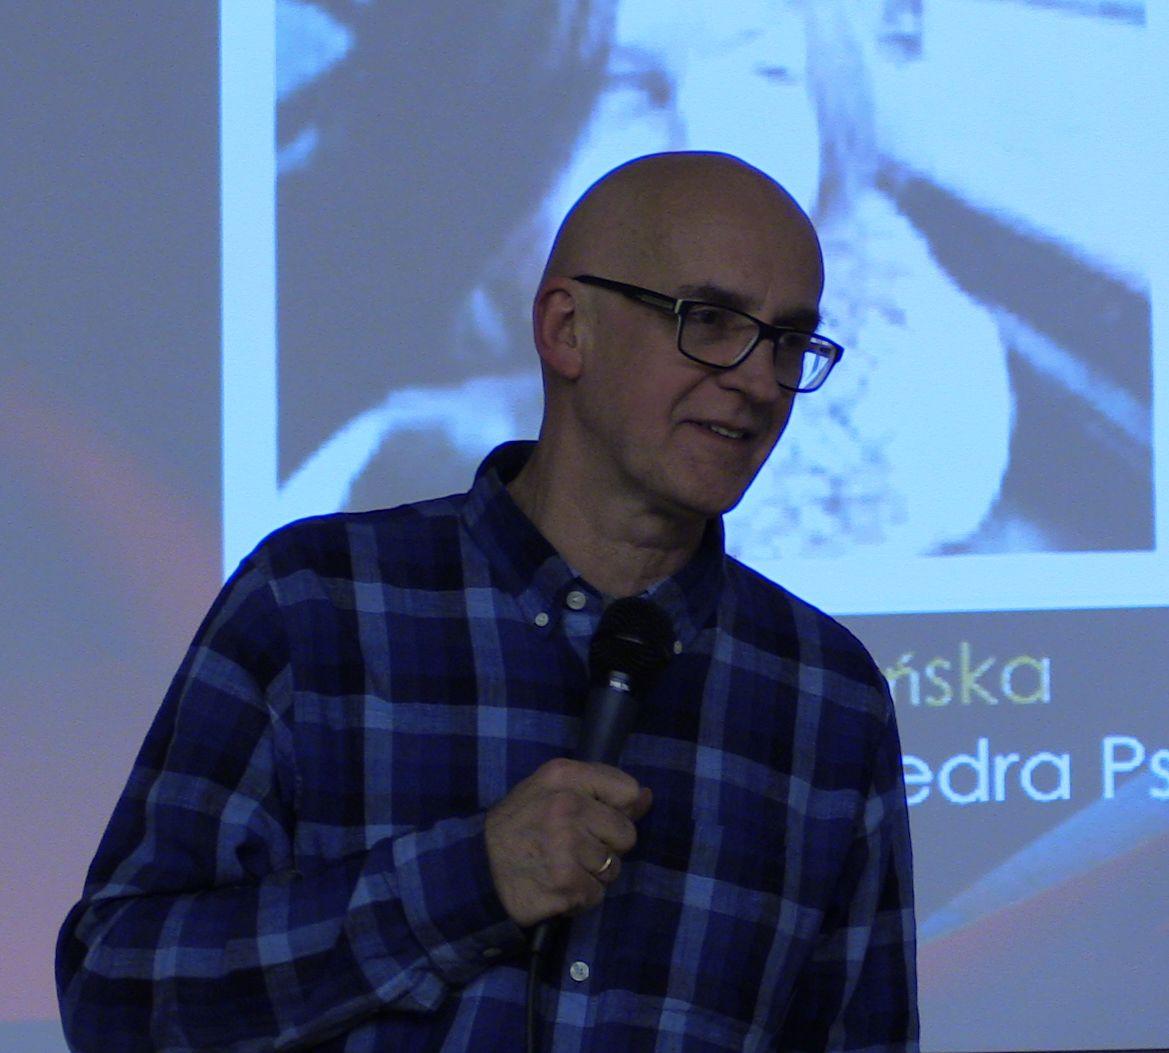 Piotr Francuz - Piękno zoperacjonalizowane. Studium z zakresu neuroestetyki